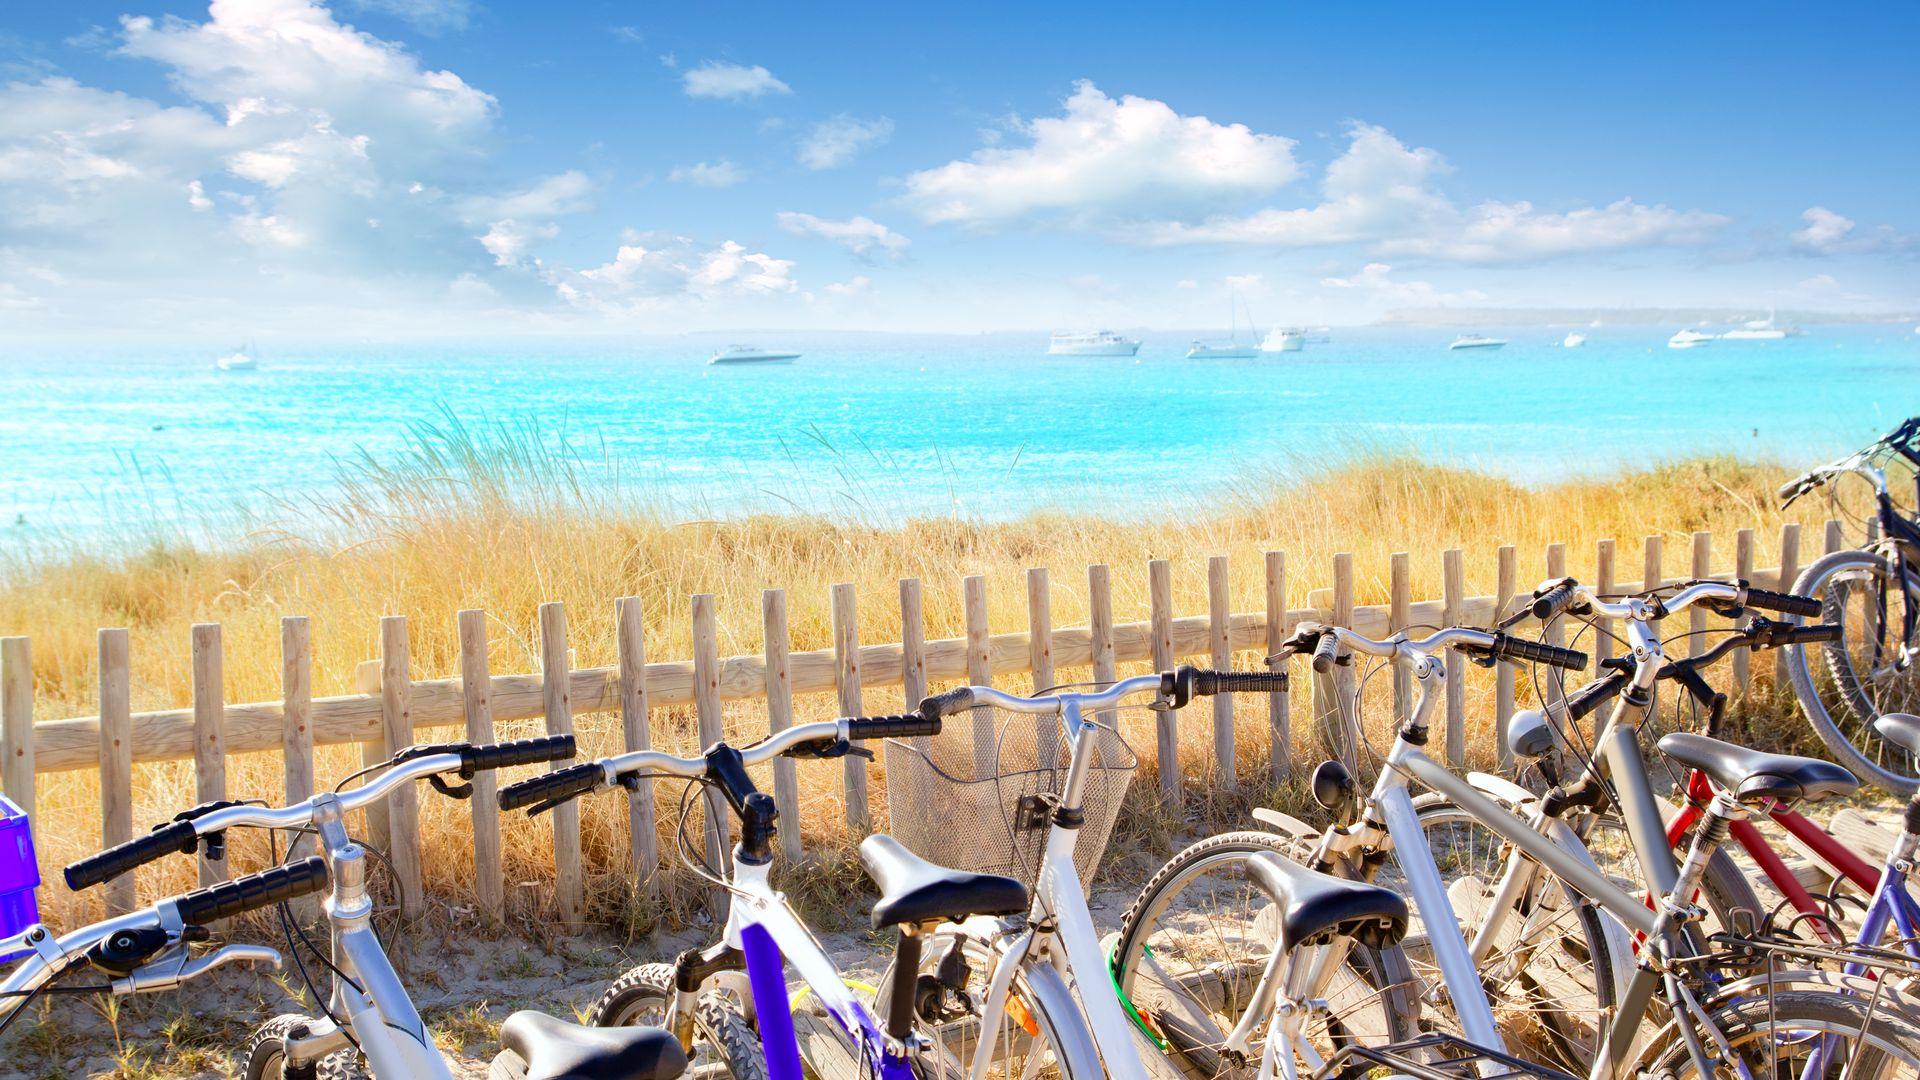 Vive formentera en bicicleta for Dormir en formentera